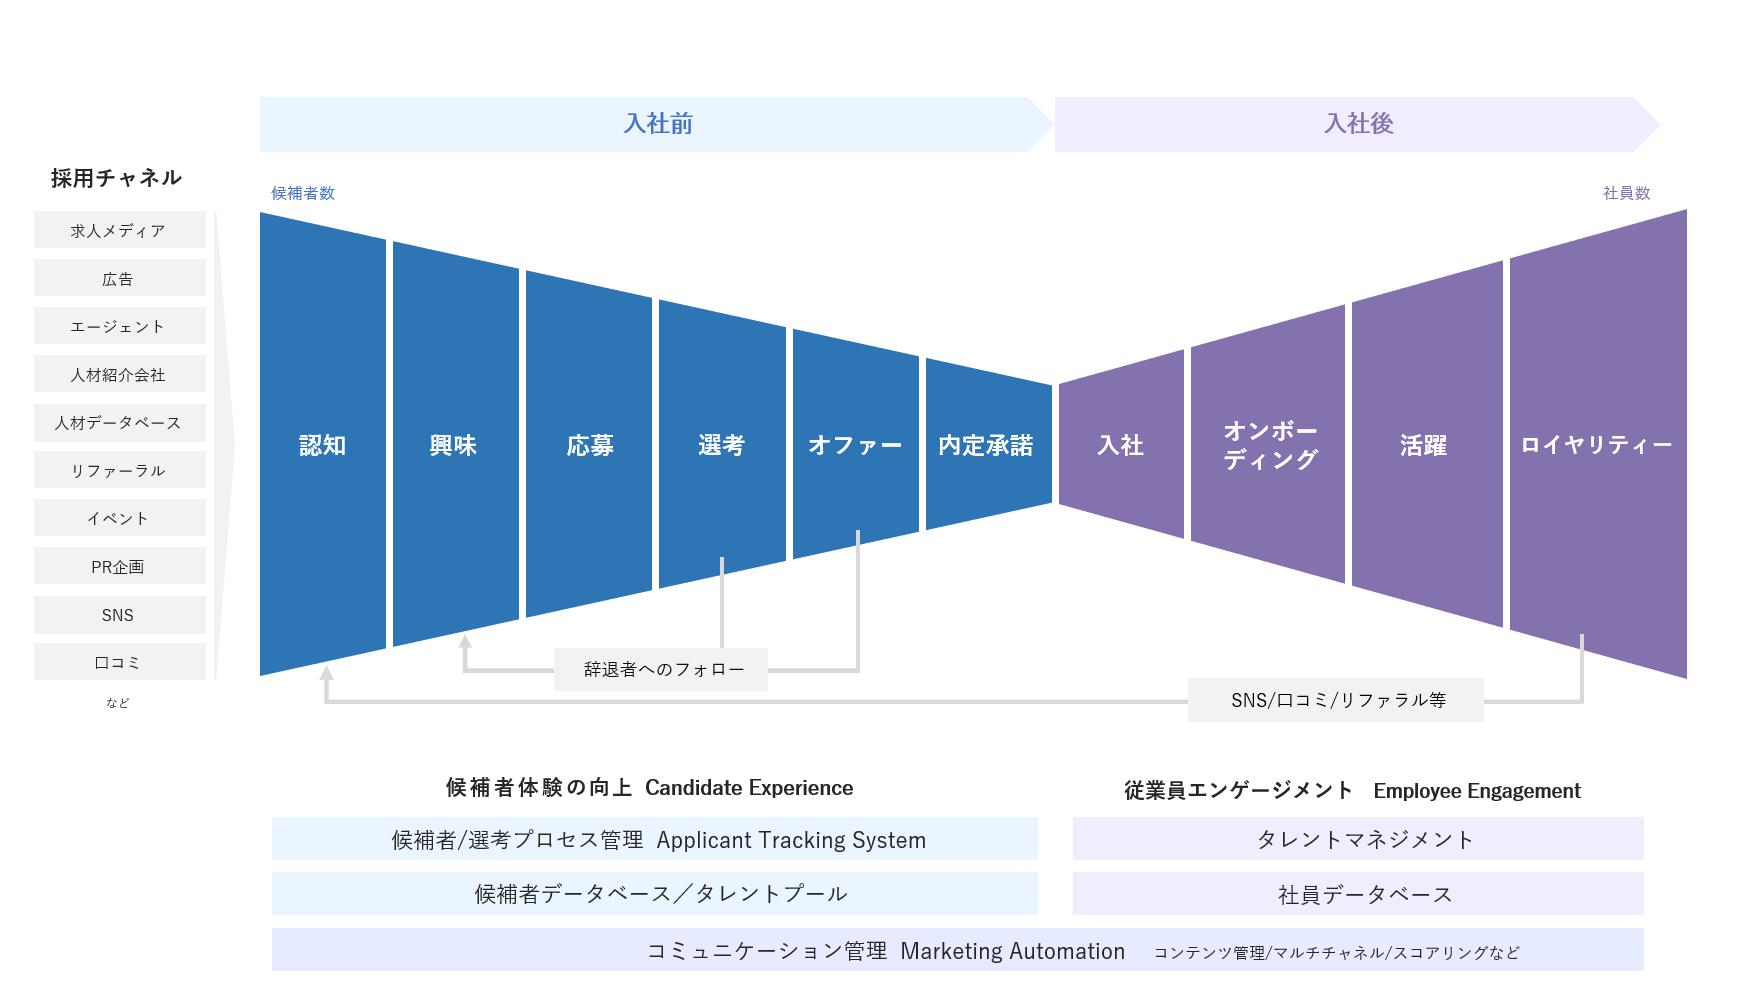 採用マーケティング_ファネル図_Final.png